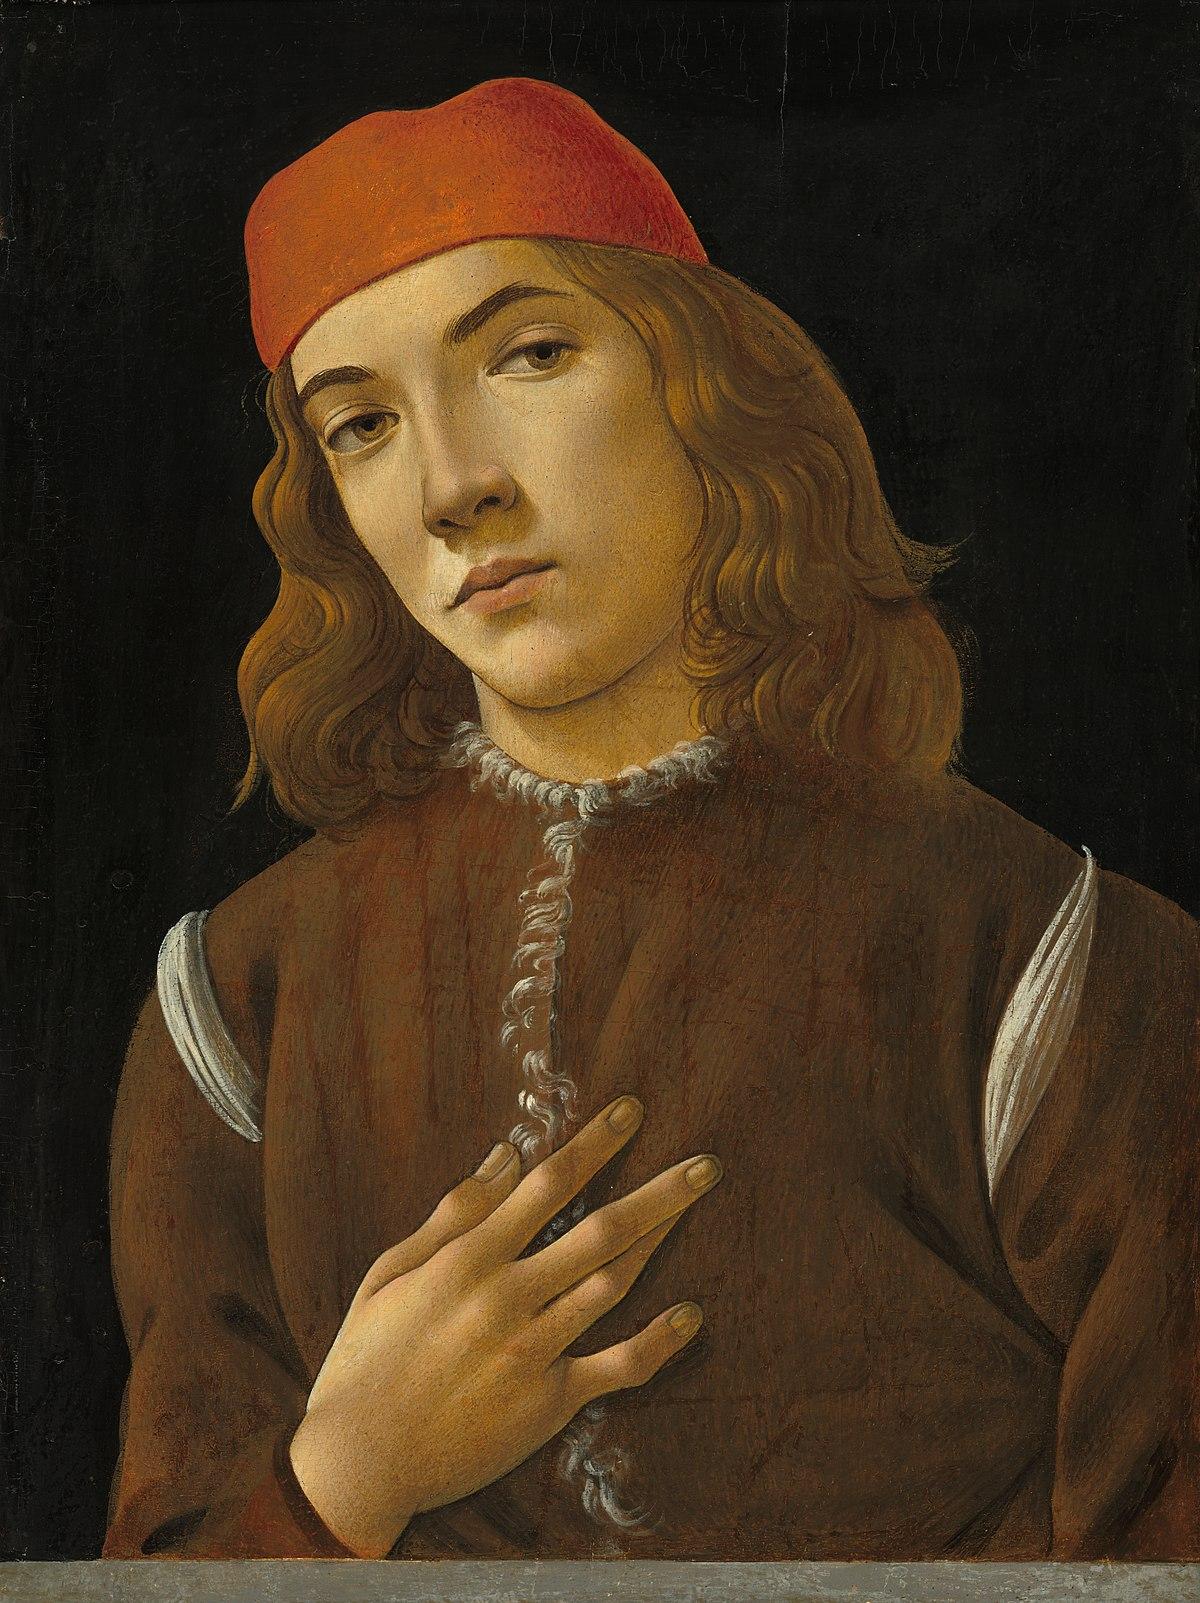 920423cda717d Portrait de jeune homme (Botticelli, Washington) — Wikipédia